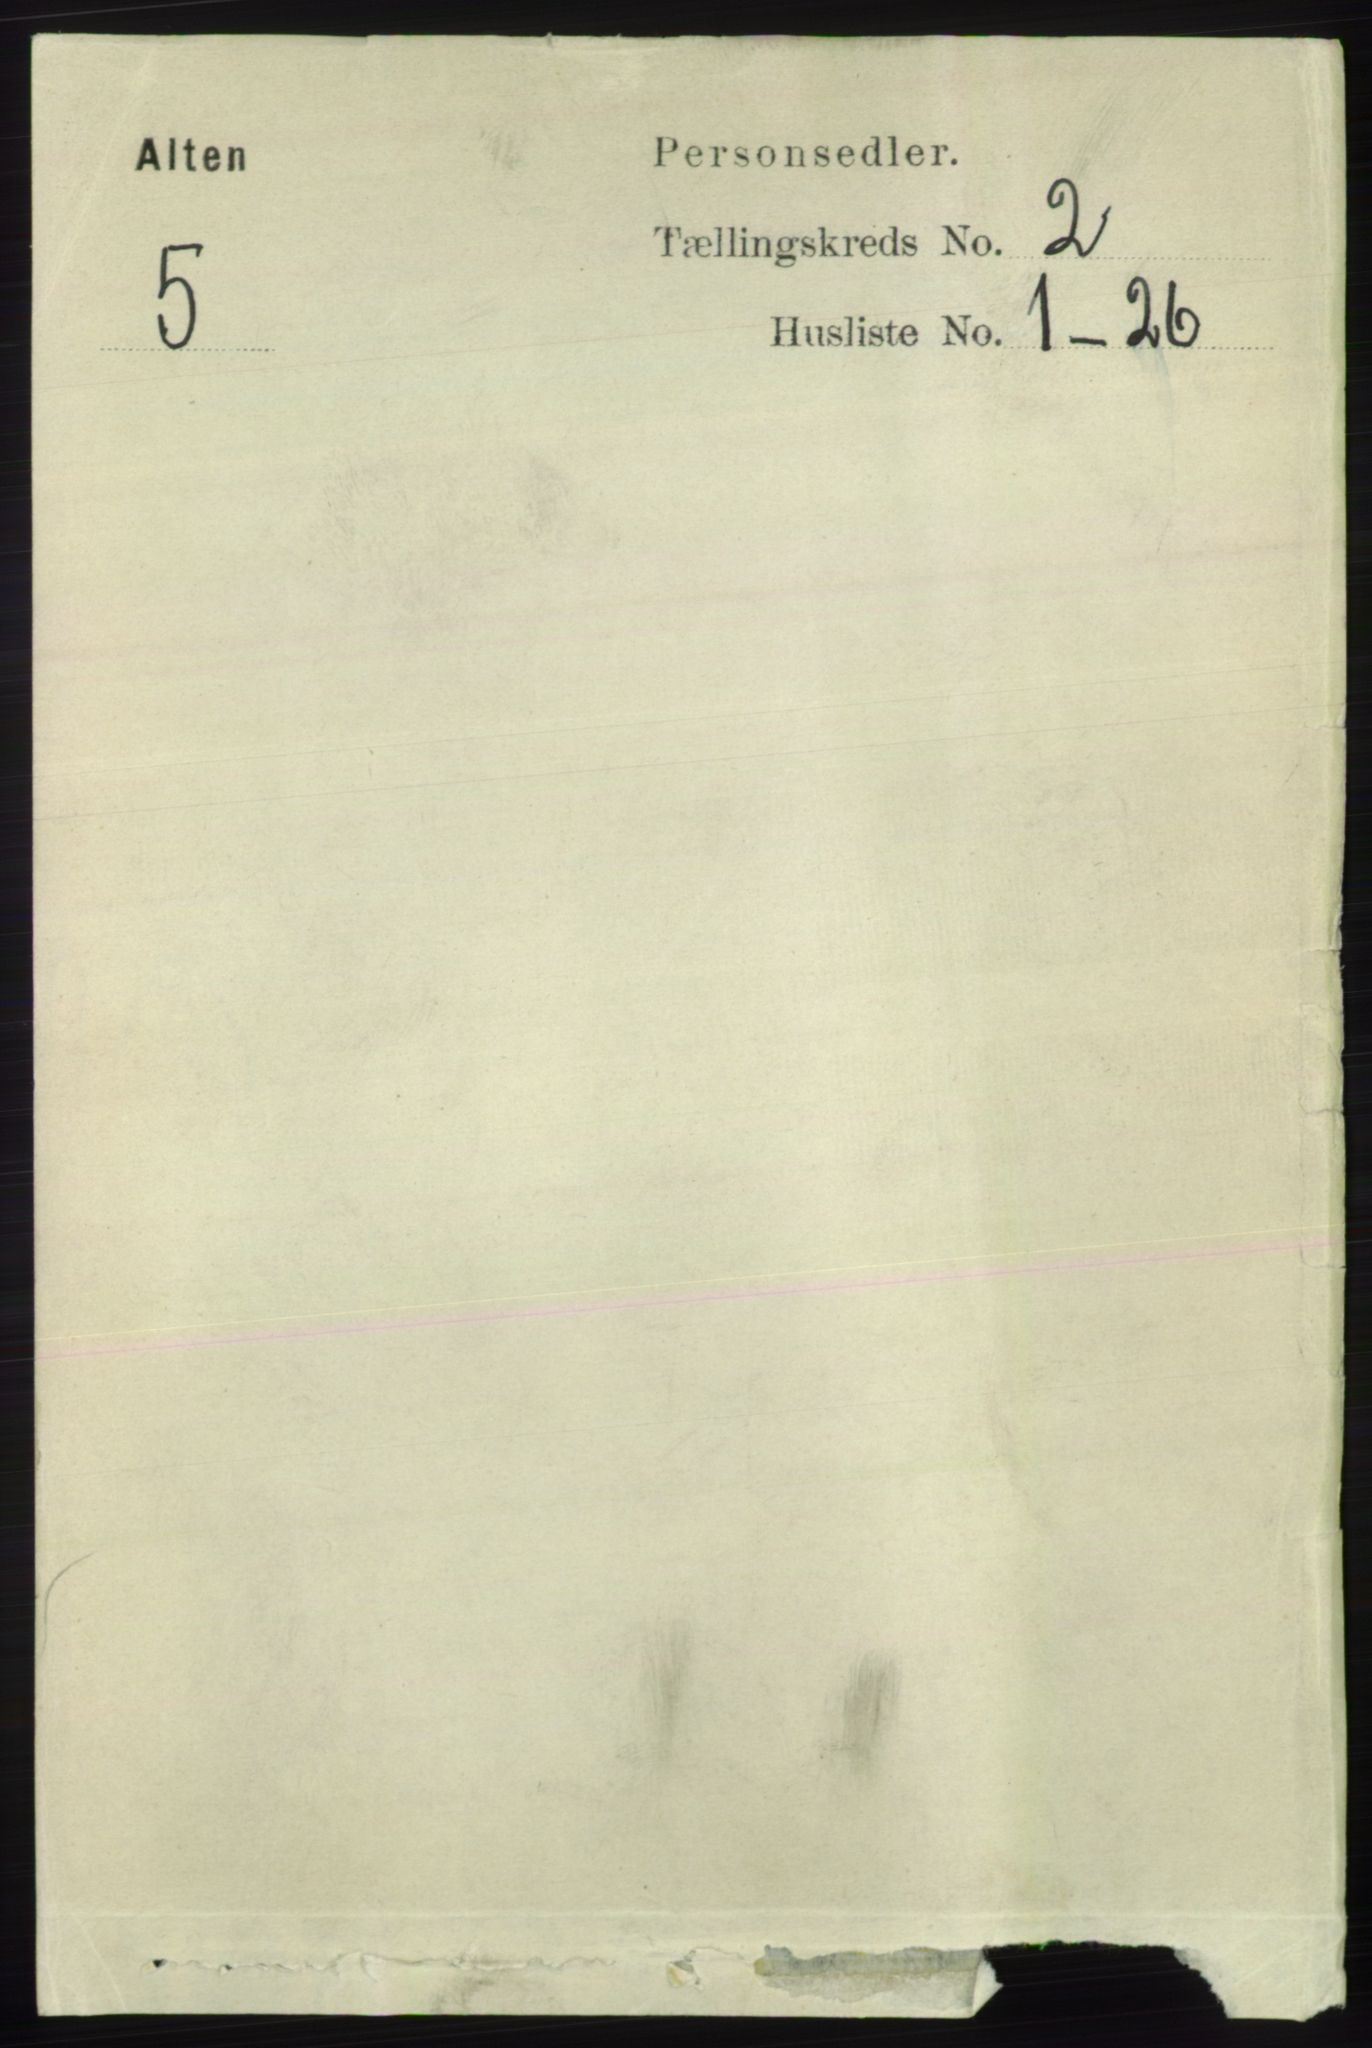 RA, Folketelling 1891 for 2012 Alta herred, 1891, s. 419